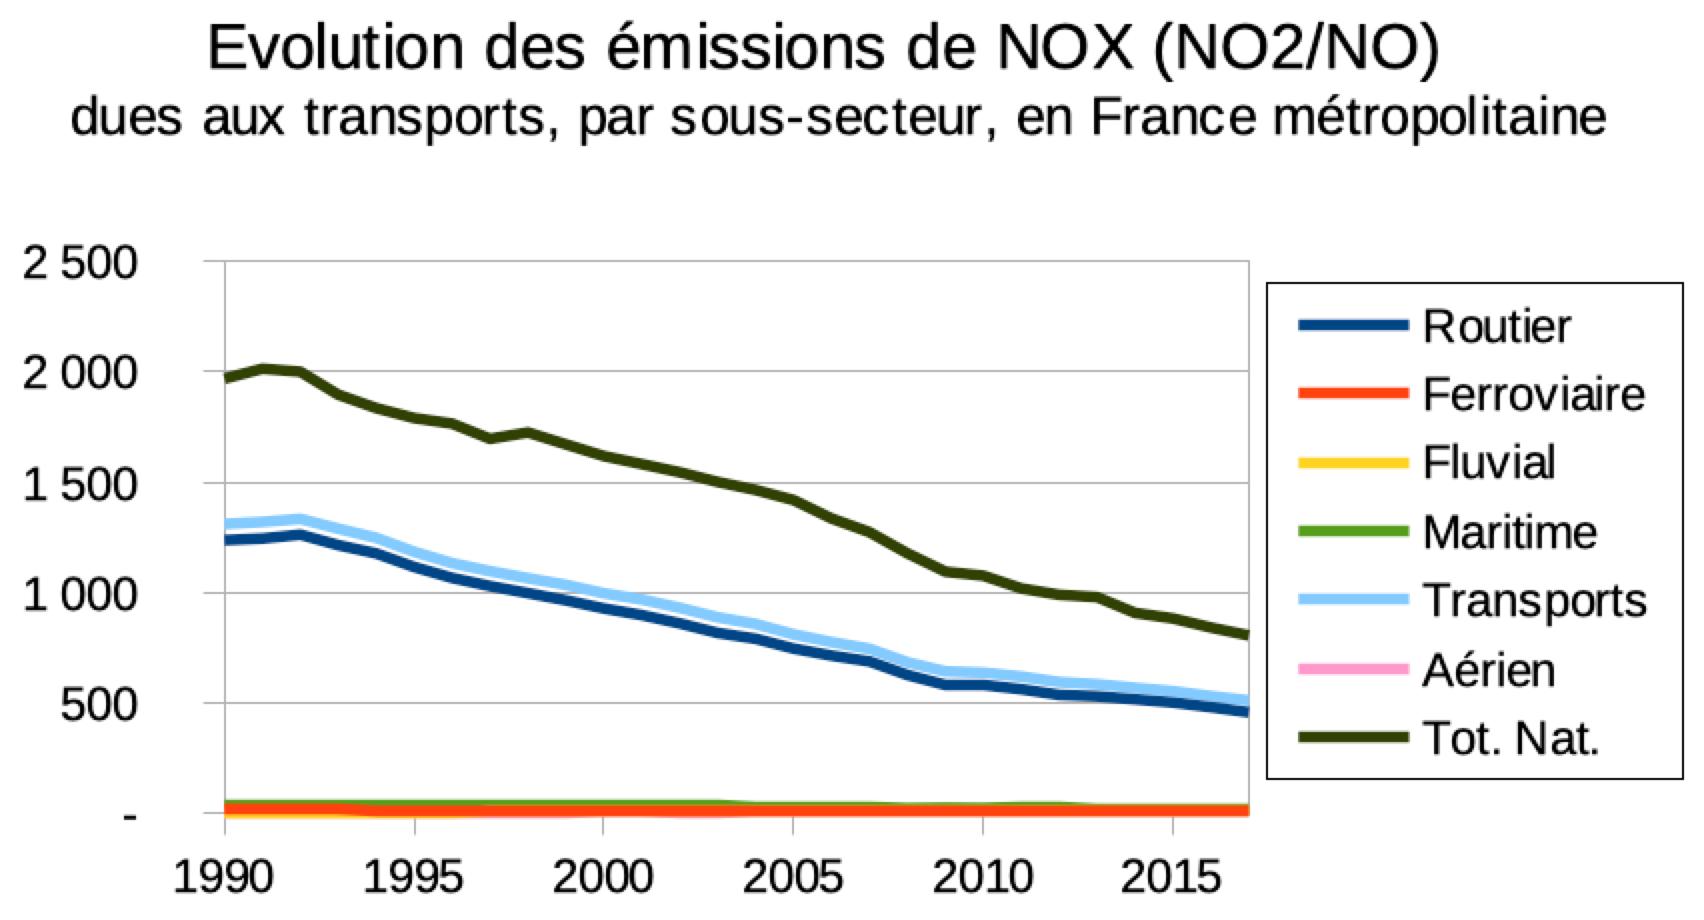 Evolution emissions nox transport